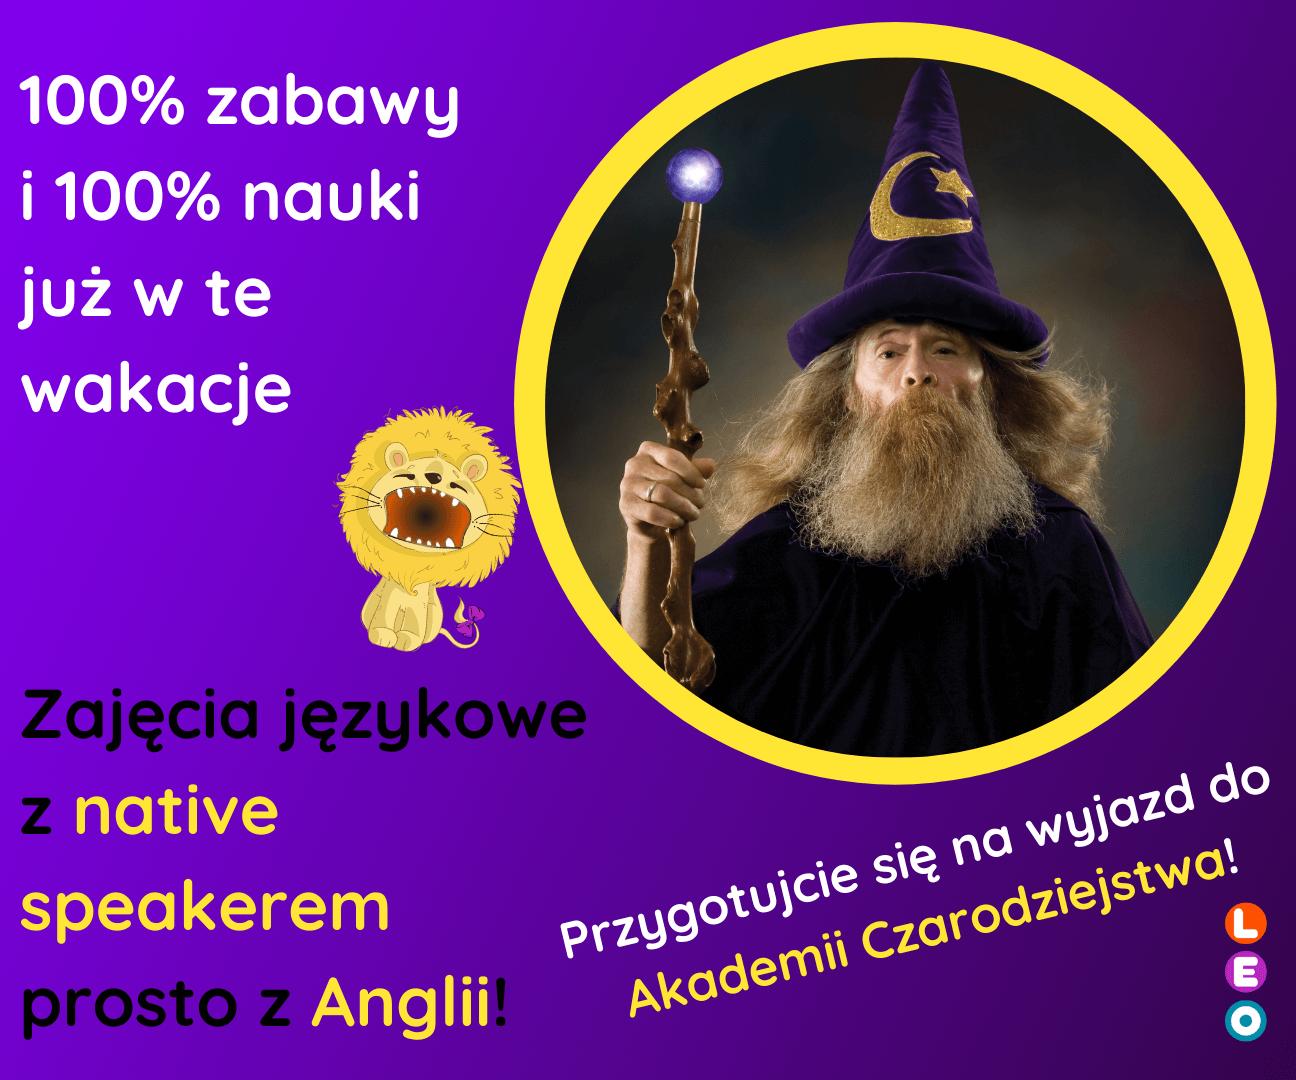 Zajęcia z angielskim native speakerem - Akademia Czarodziejstwa